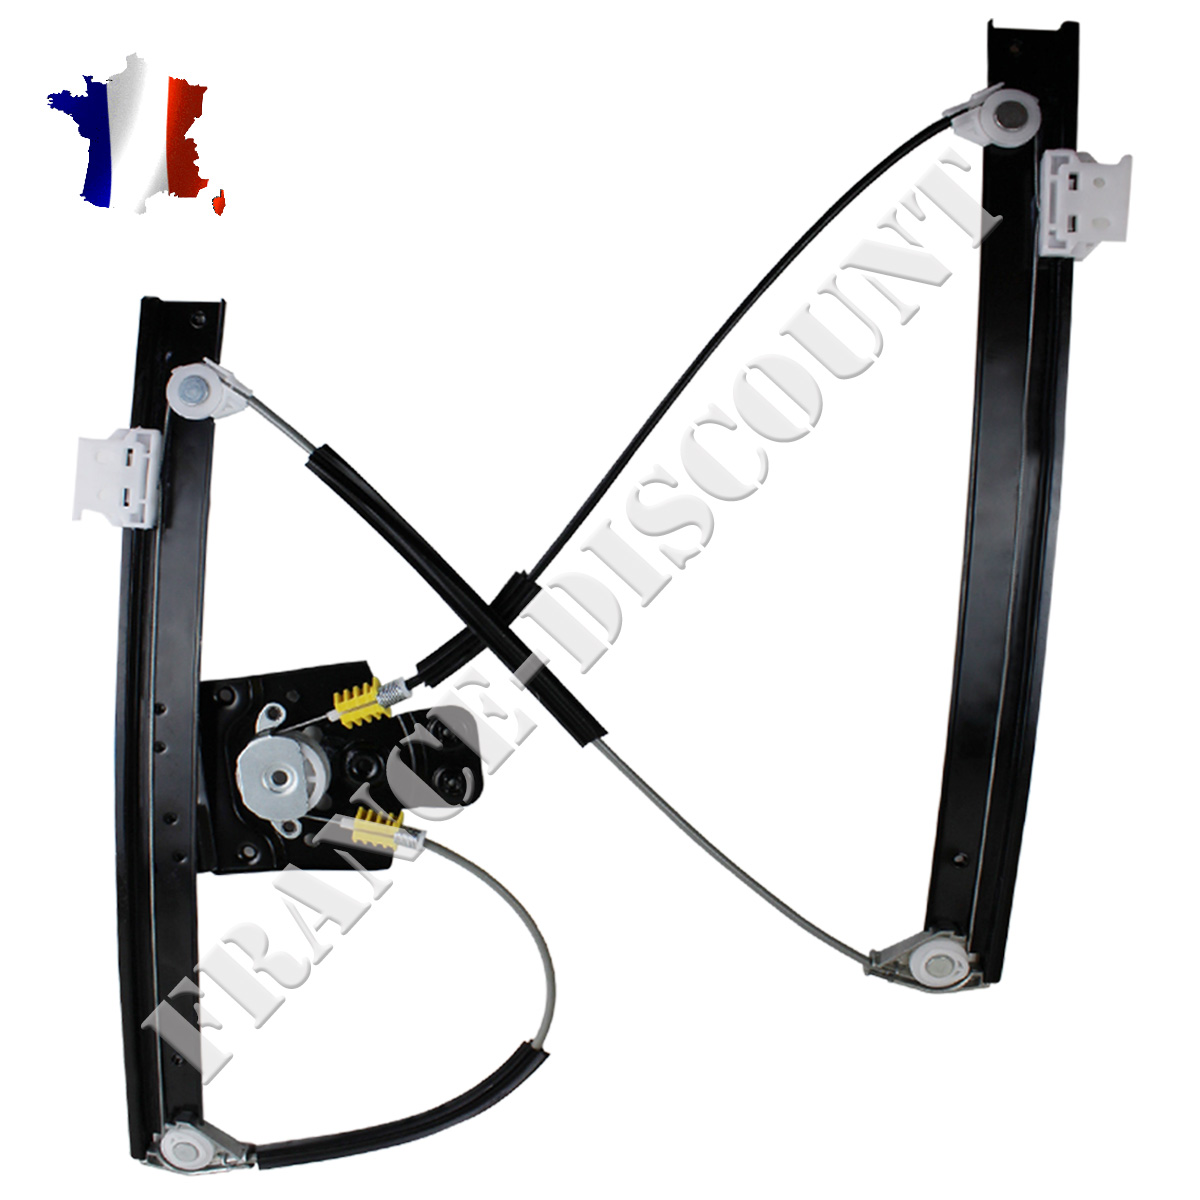 leve vitre electrique avant droit sans moteur citroen c5 ii 2008 ebay. Black Bedroom Furniture Sets. Home Design Ideas